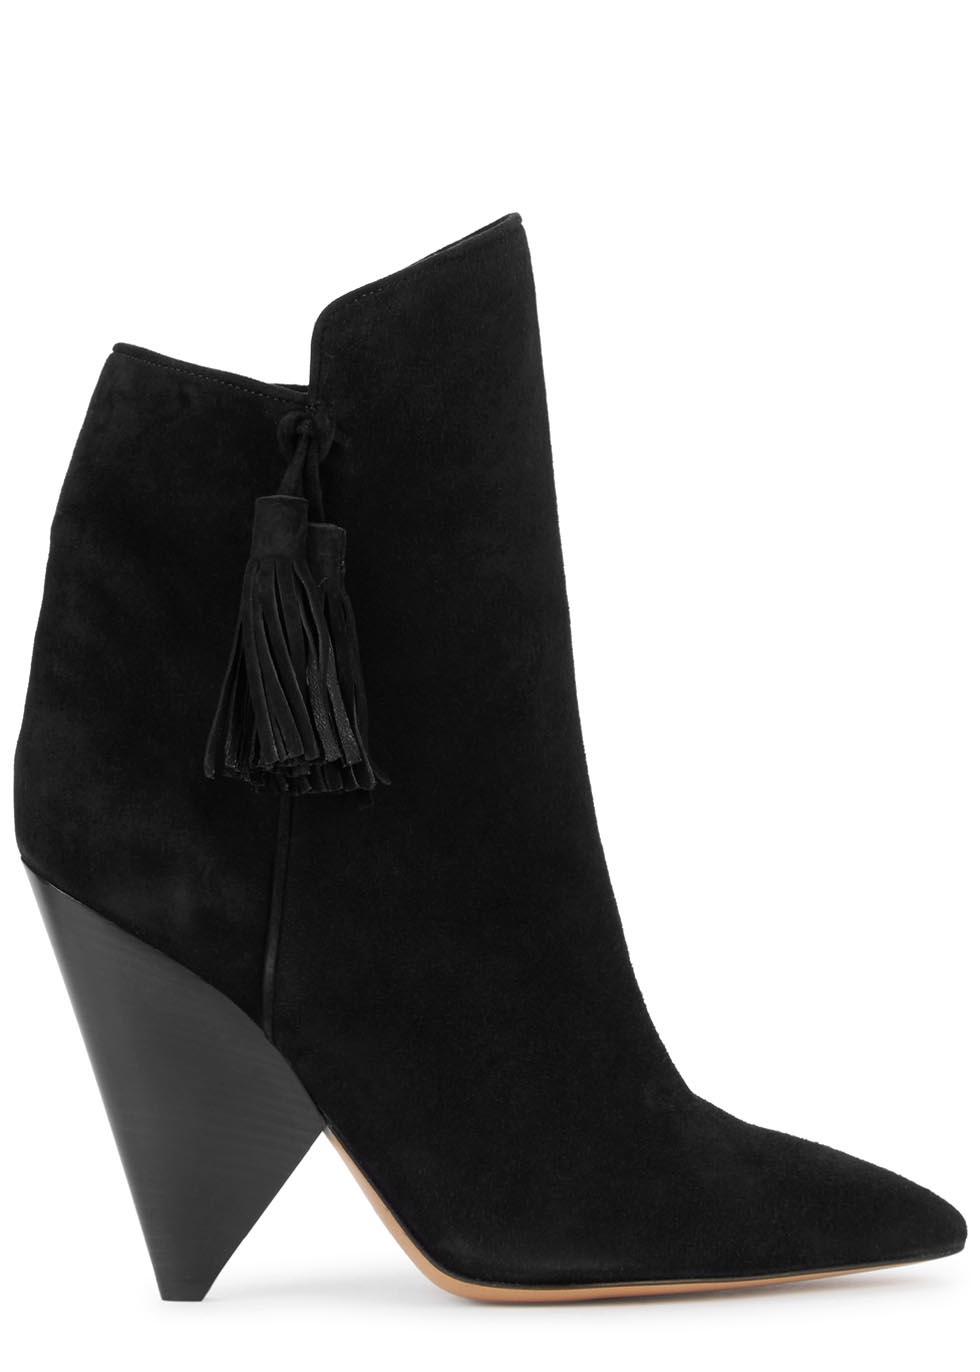 isabel marant leyton black tasselled suede boots in black lyst. Black Bedroom Furniture Sets. Home Design Ideas